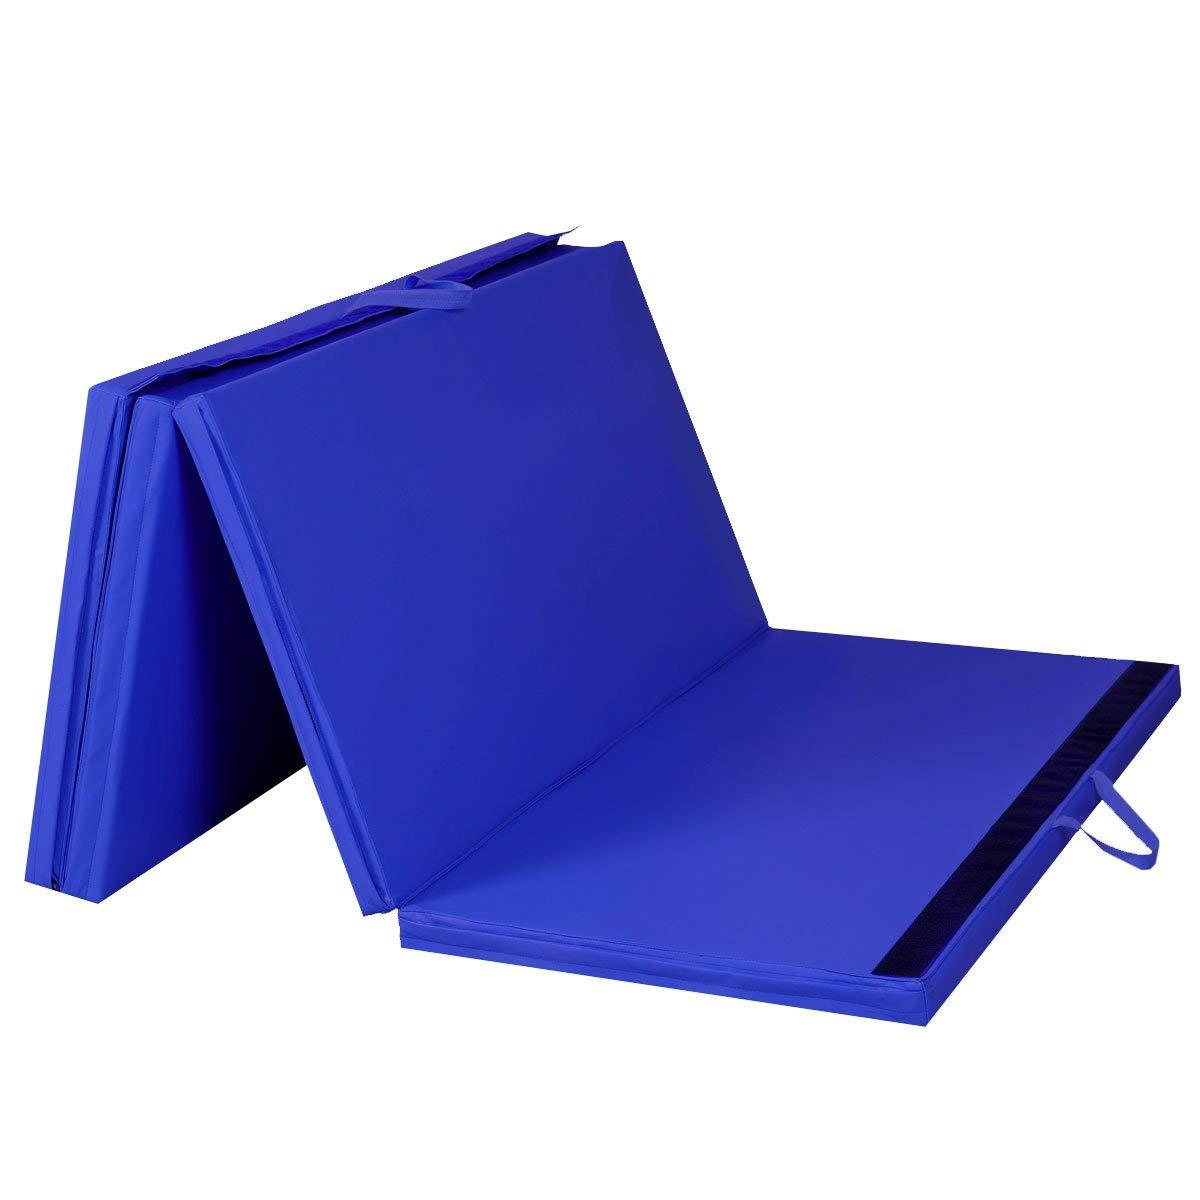 Mat Expert ブルー 4フィート×8フィート×2インチ 厚手折りたたみパネル式体操マット  ジム フィットネス エクササイズ マット B00R3XAR5K